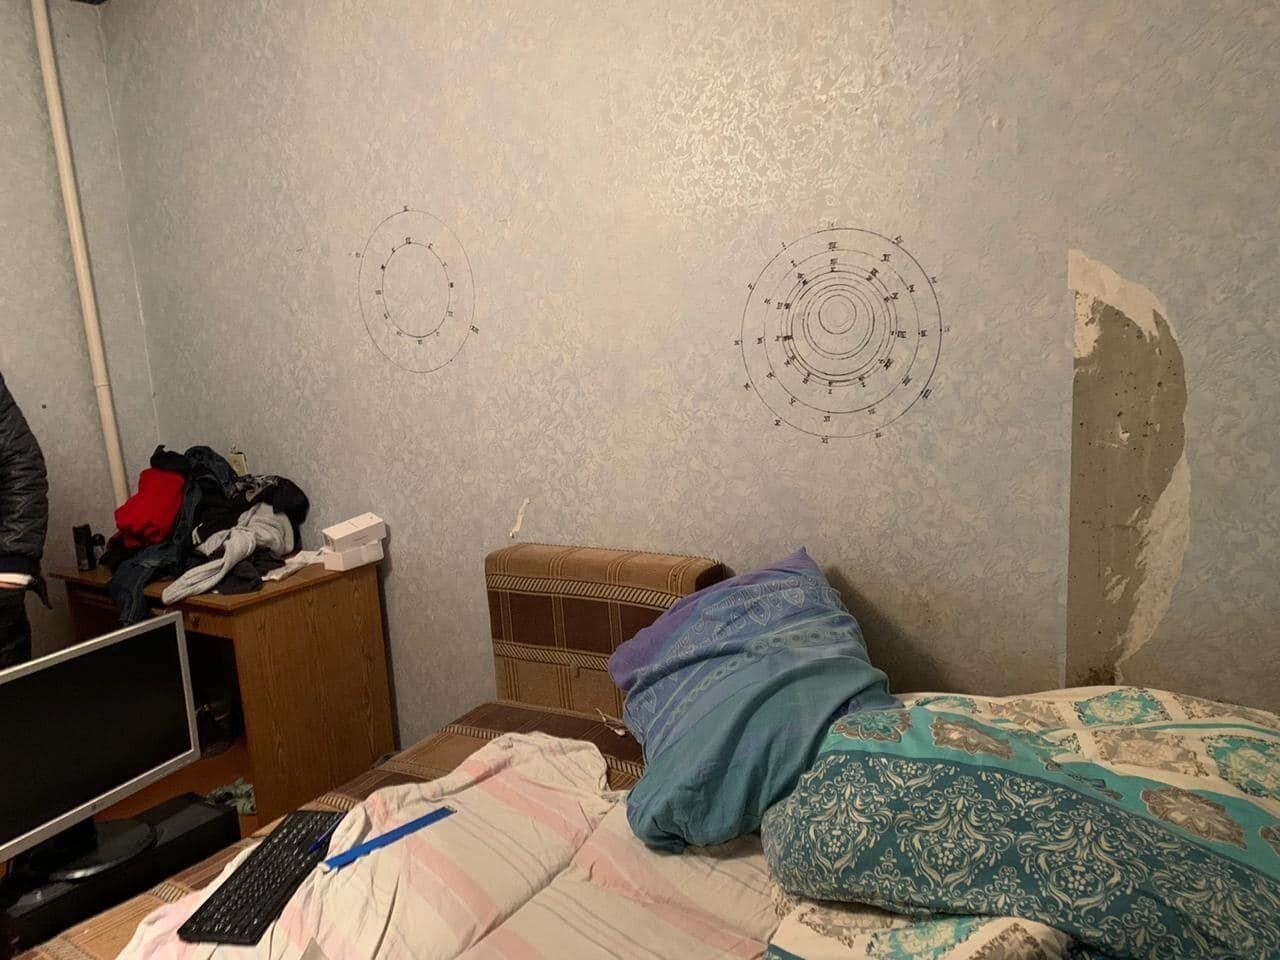 Мужчина, убивший людей в Кривом Роге, рисовал на стенах странные круги